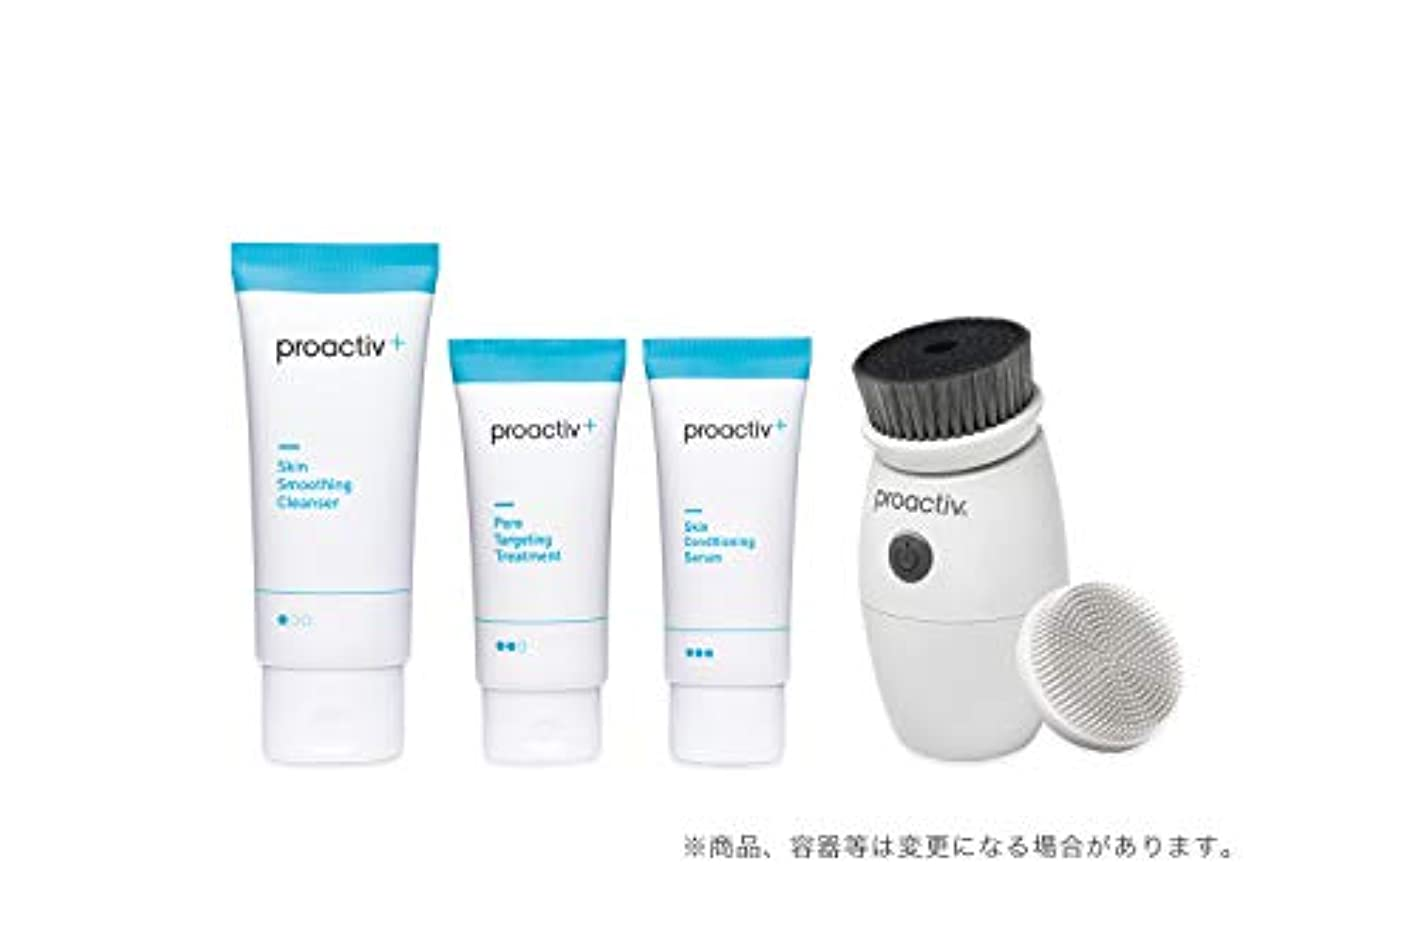 セレナ比率絡まるプロアクティブ+ Proactiv+ 薬用3ステップセット (30日セット) ポアクレンジング電動洗顔ブラシ(シリコンブラシ付) プレゼント 公式ガイド付